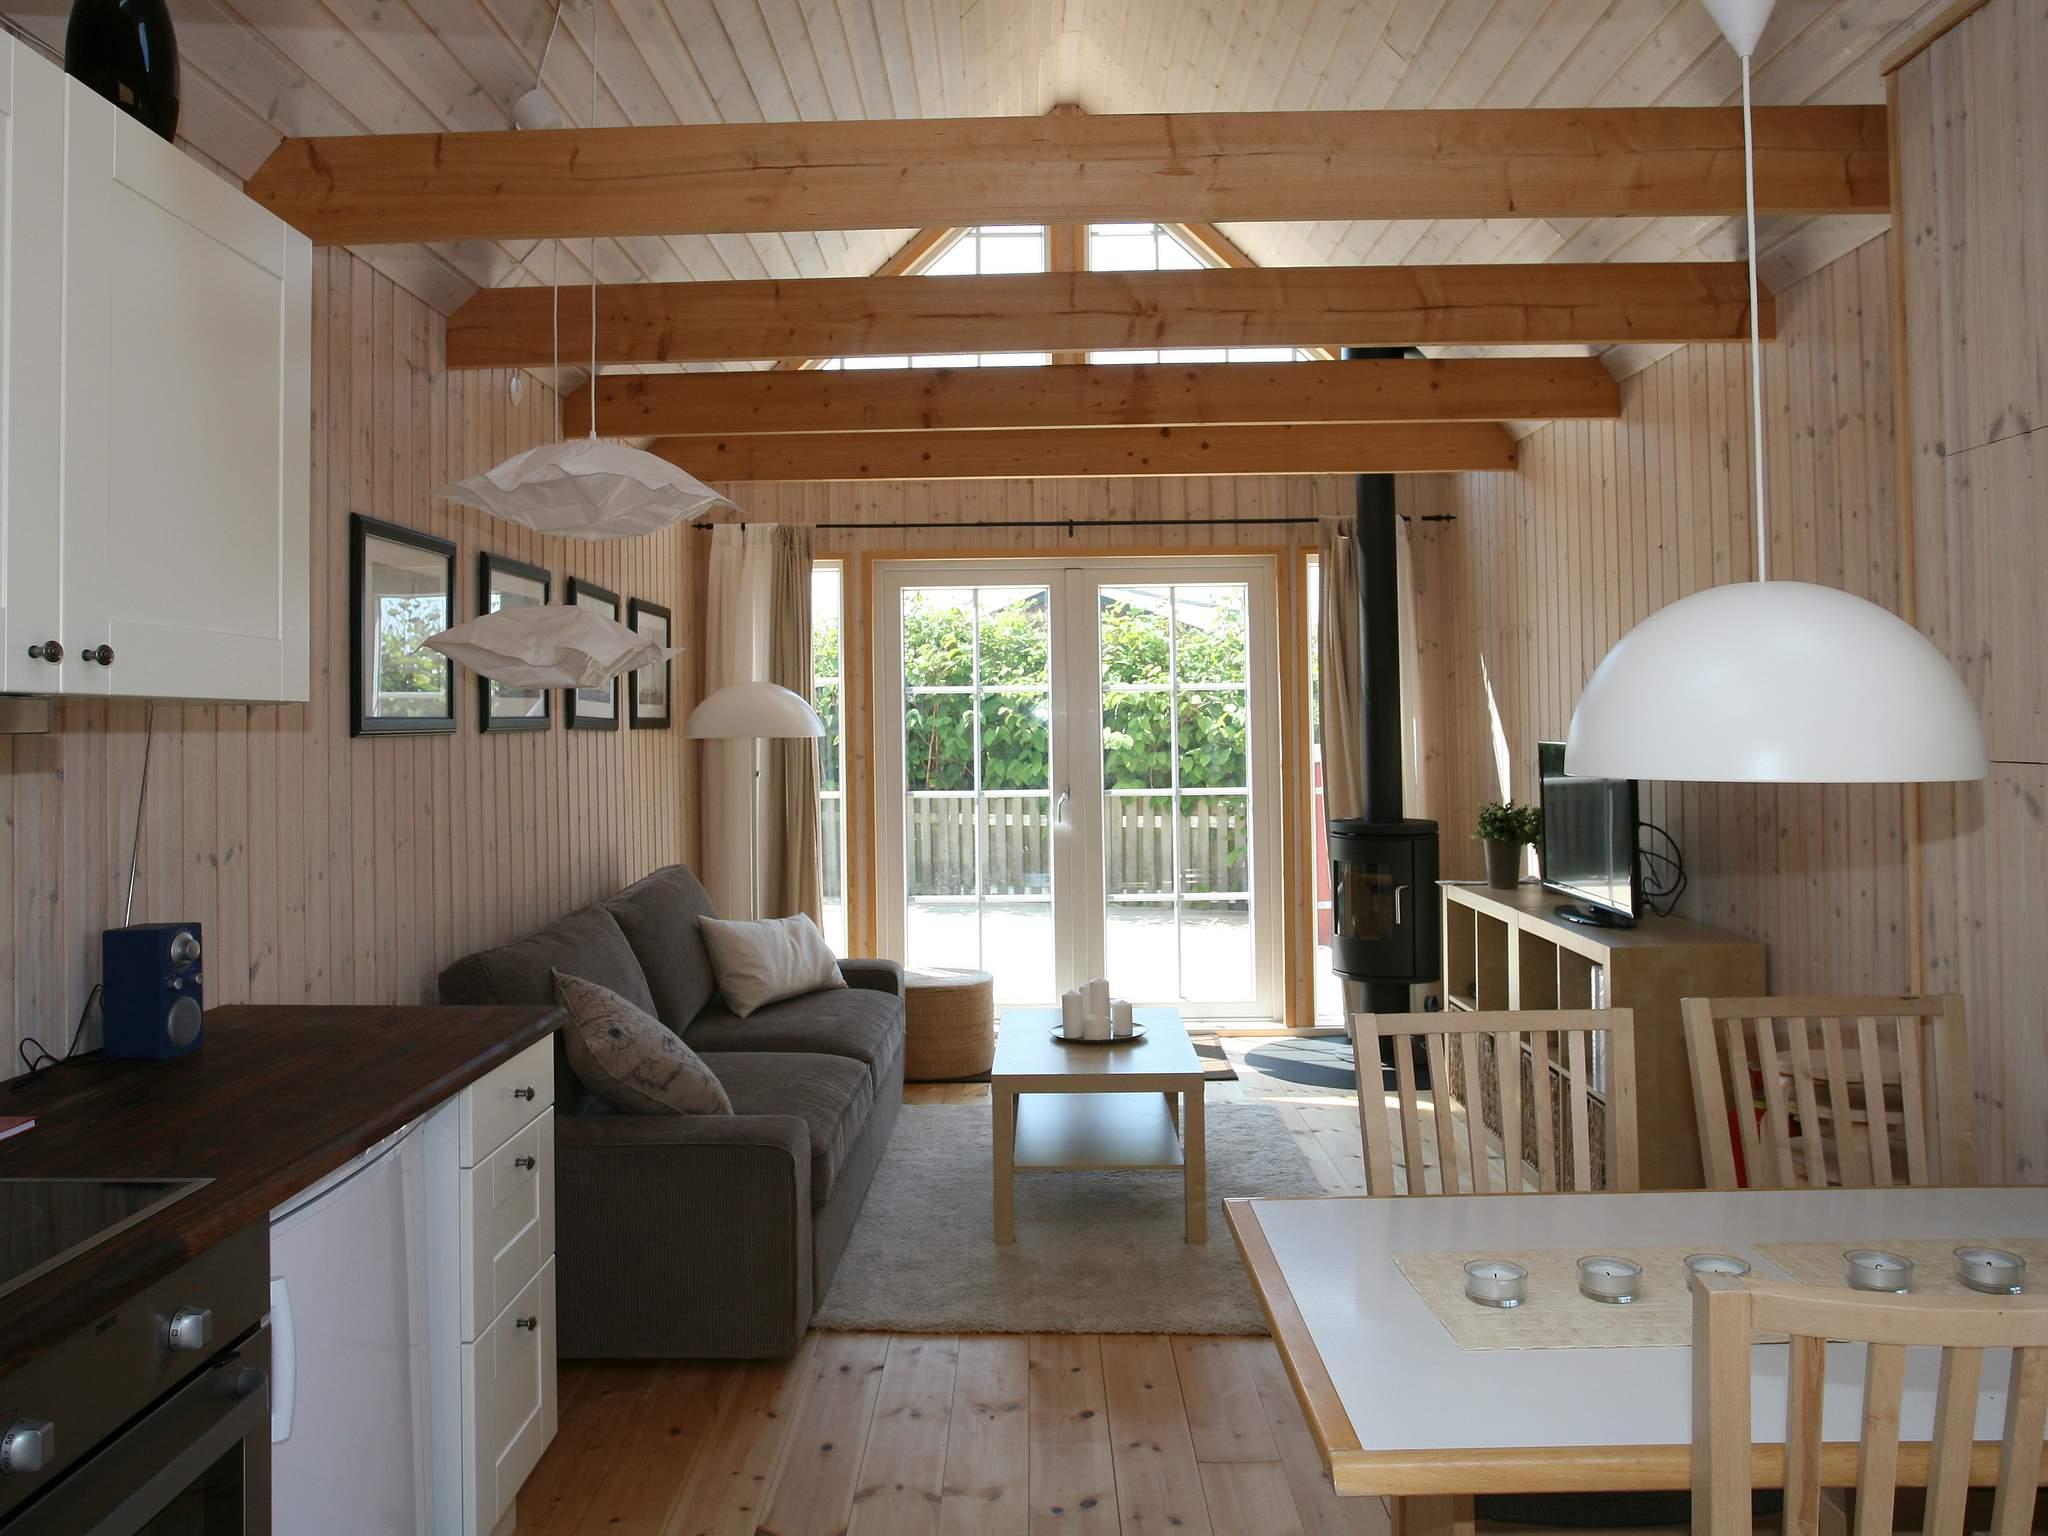 Ferienhaus Karrebæksminde (590968), Karrebæksminde, , Südseeland, Dänemark, Bild 4